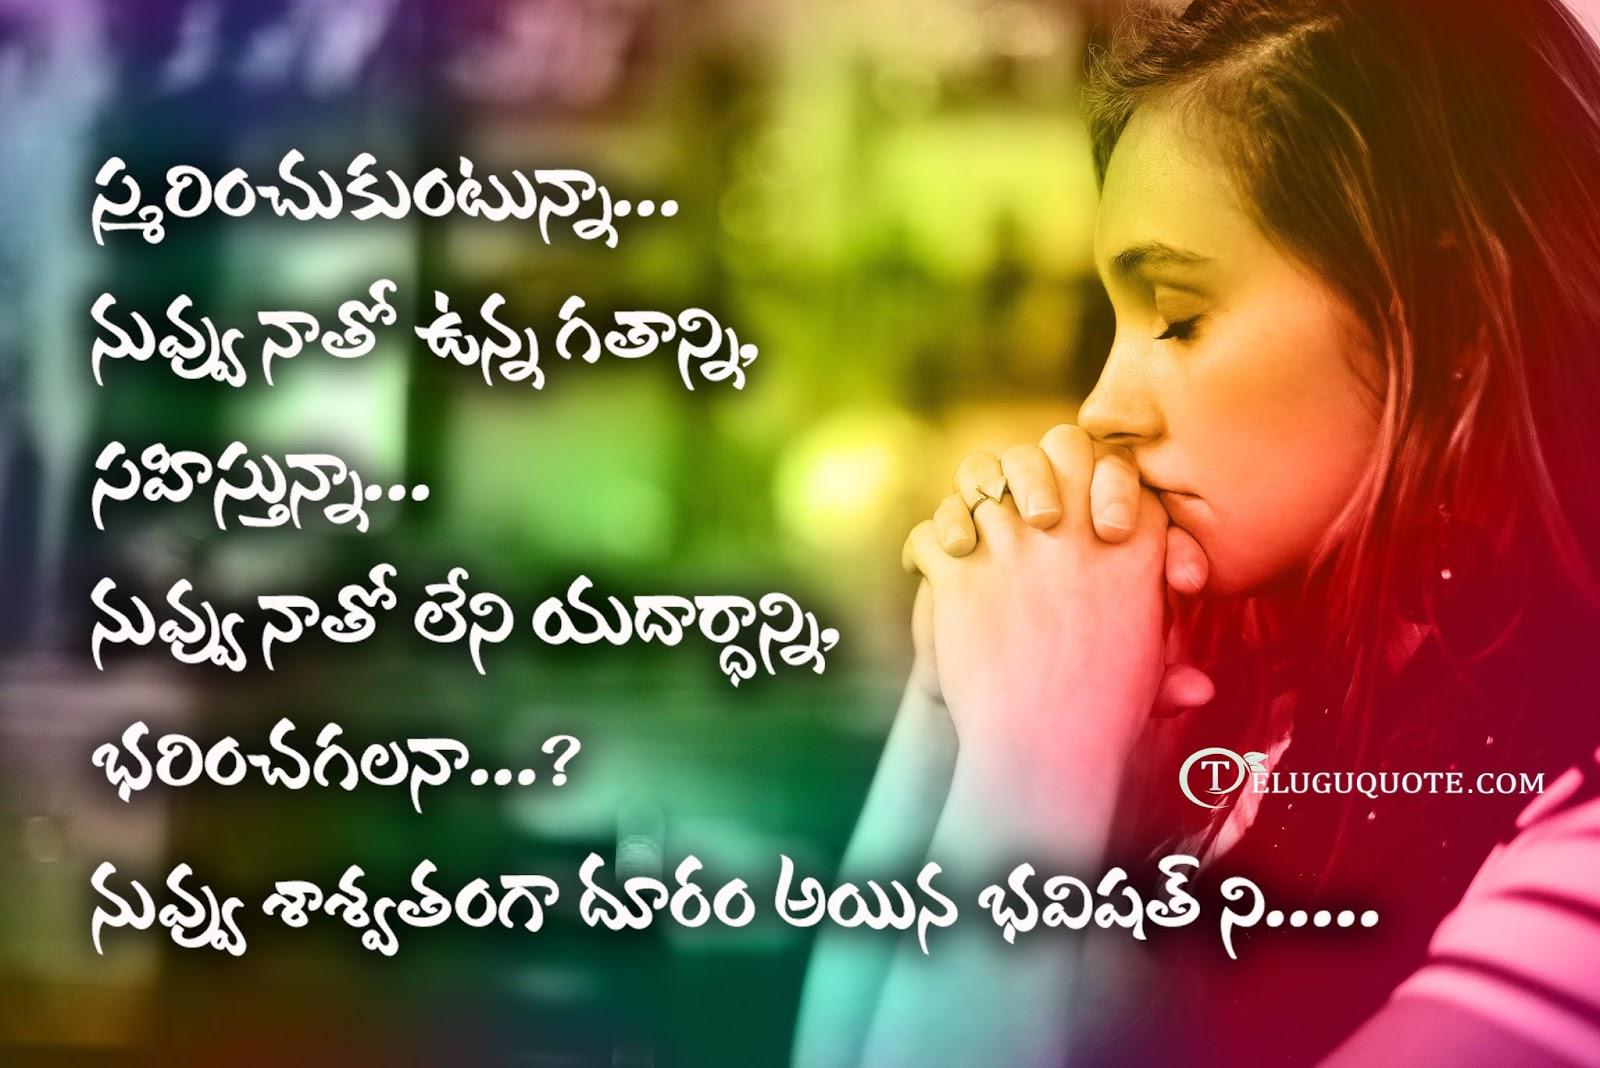 Emotional Sad Love Quotes In Telugu Love Quotes